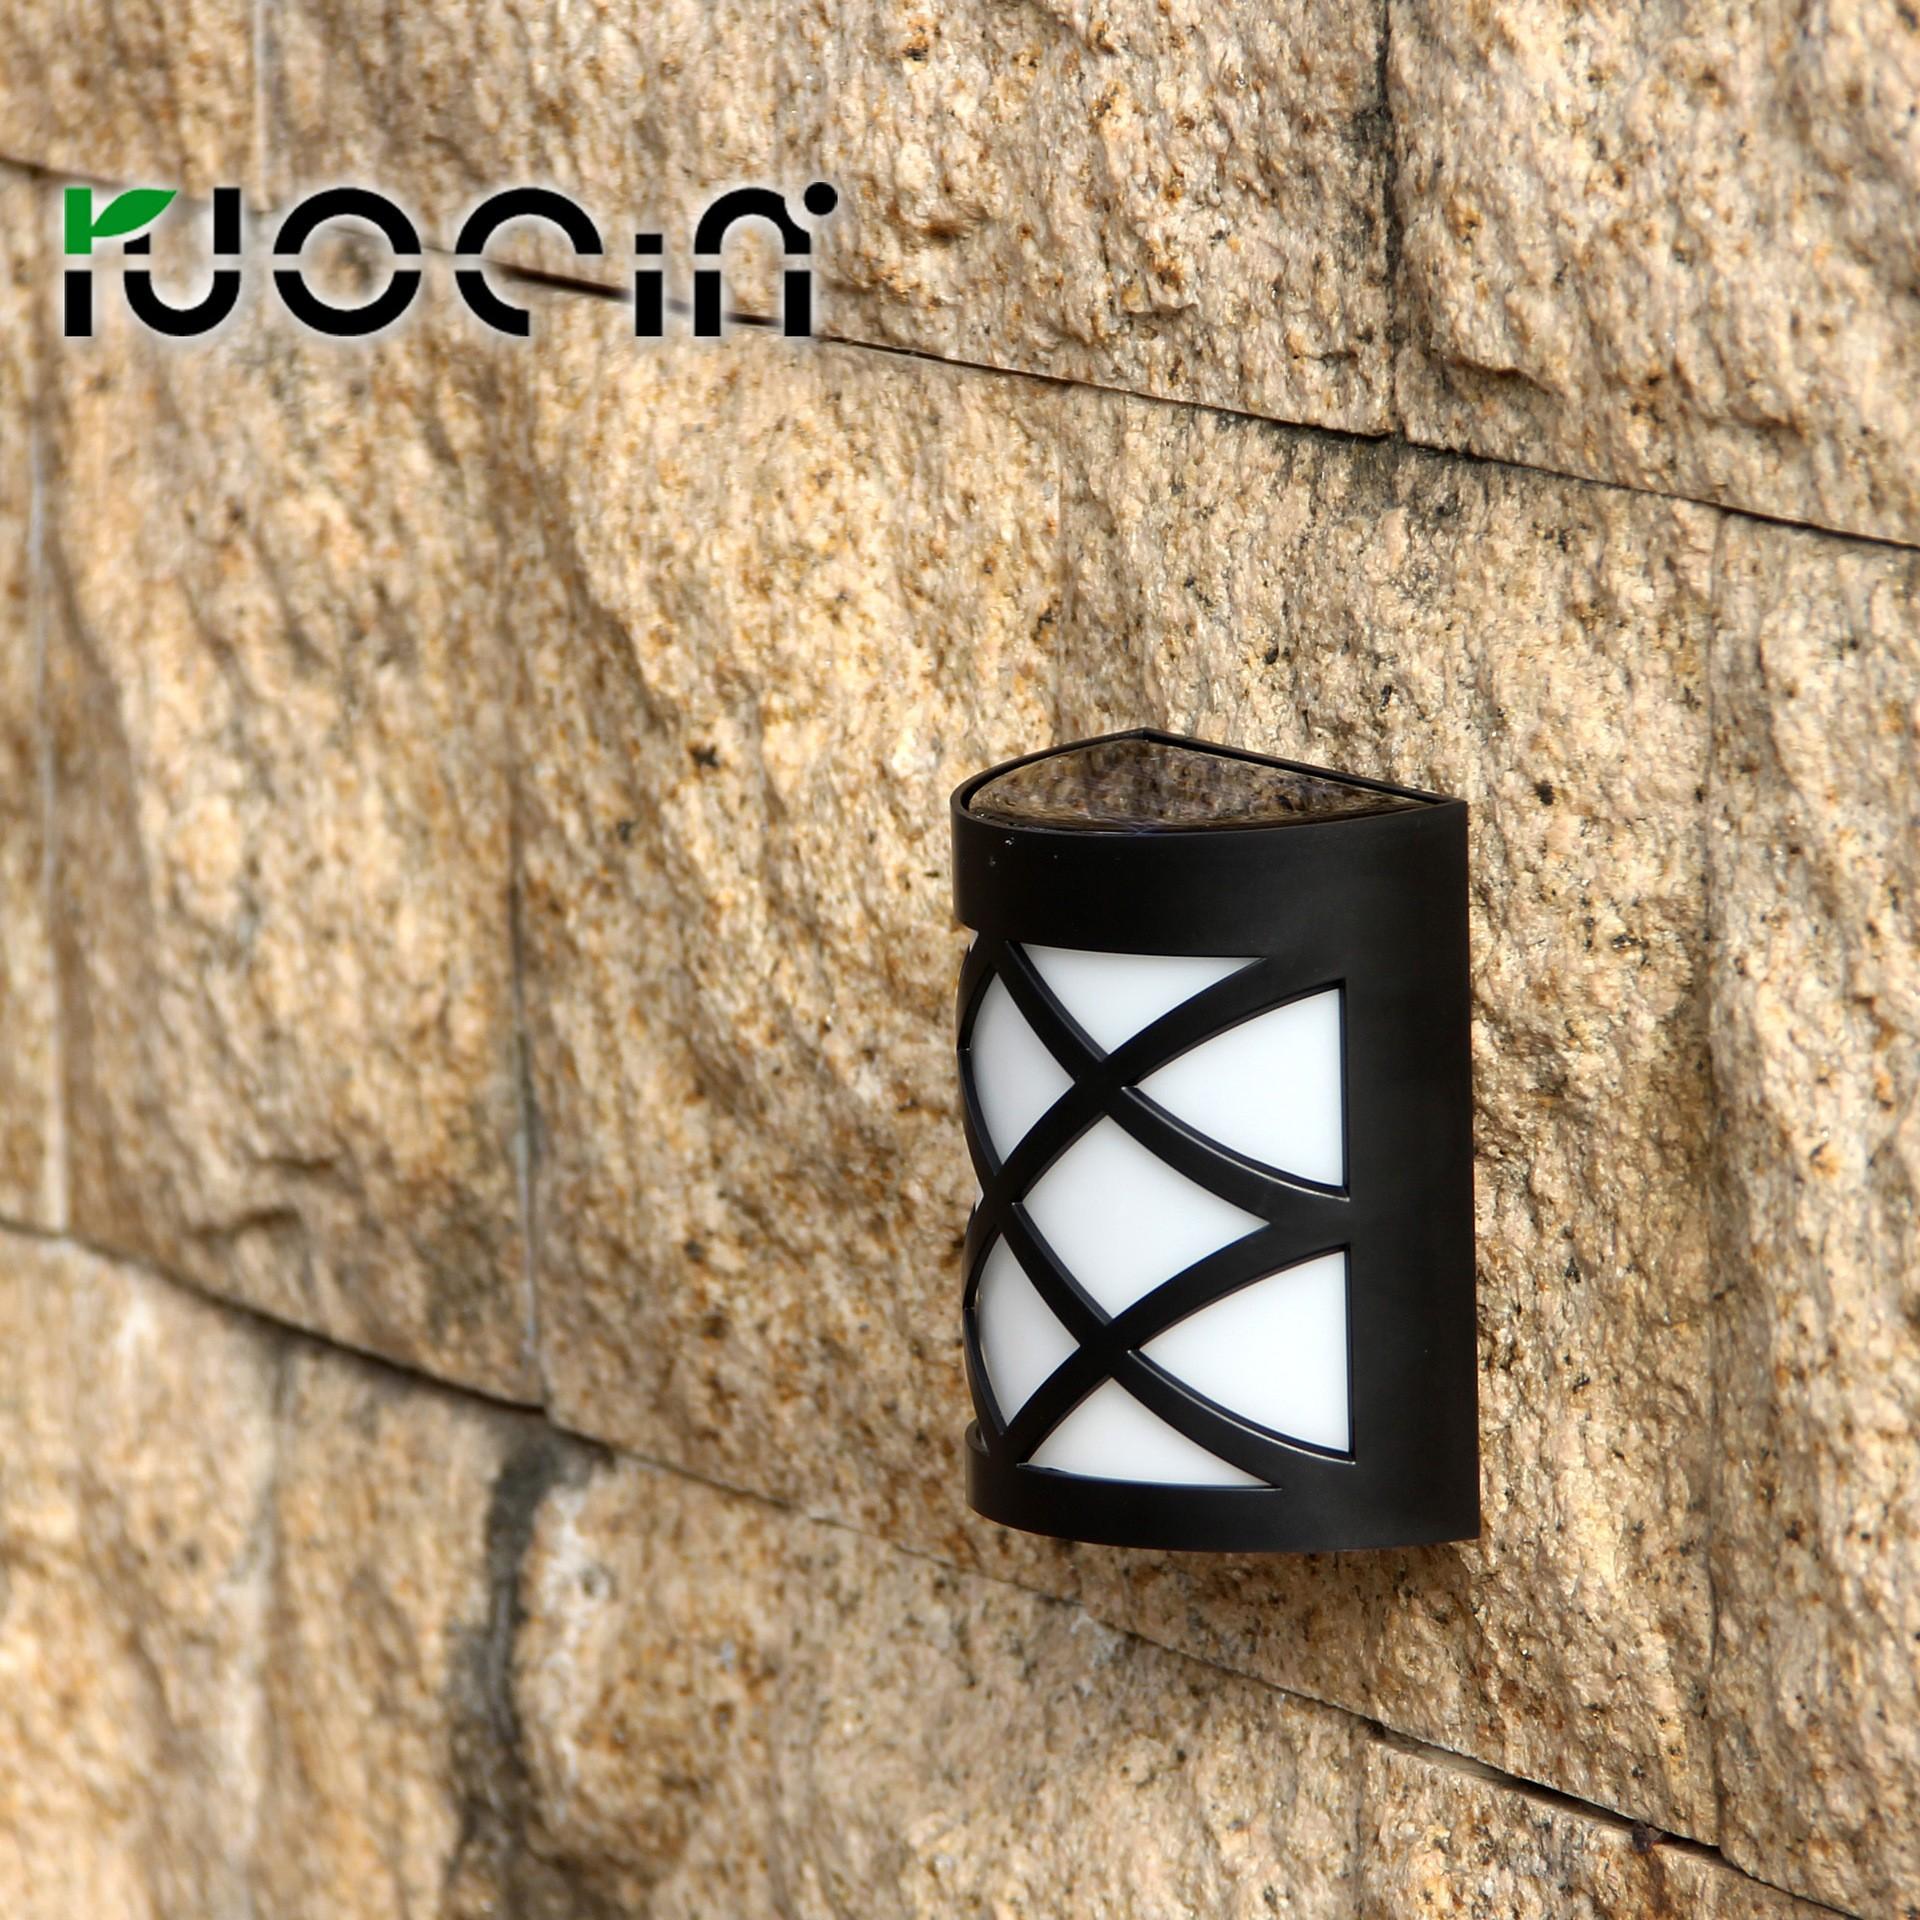 装饰照明灯一件代发 Ruocin 太阳能壁灯 LED